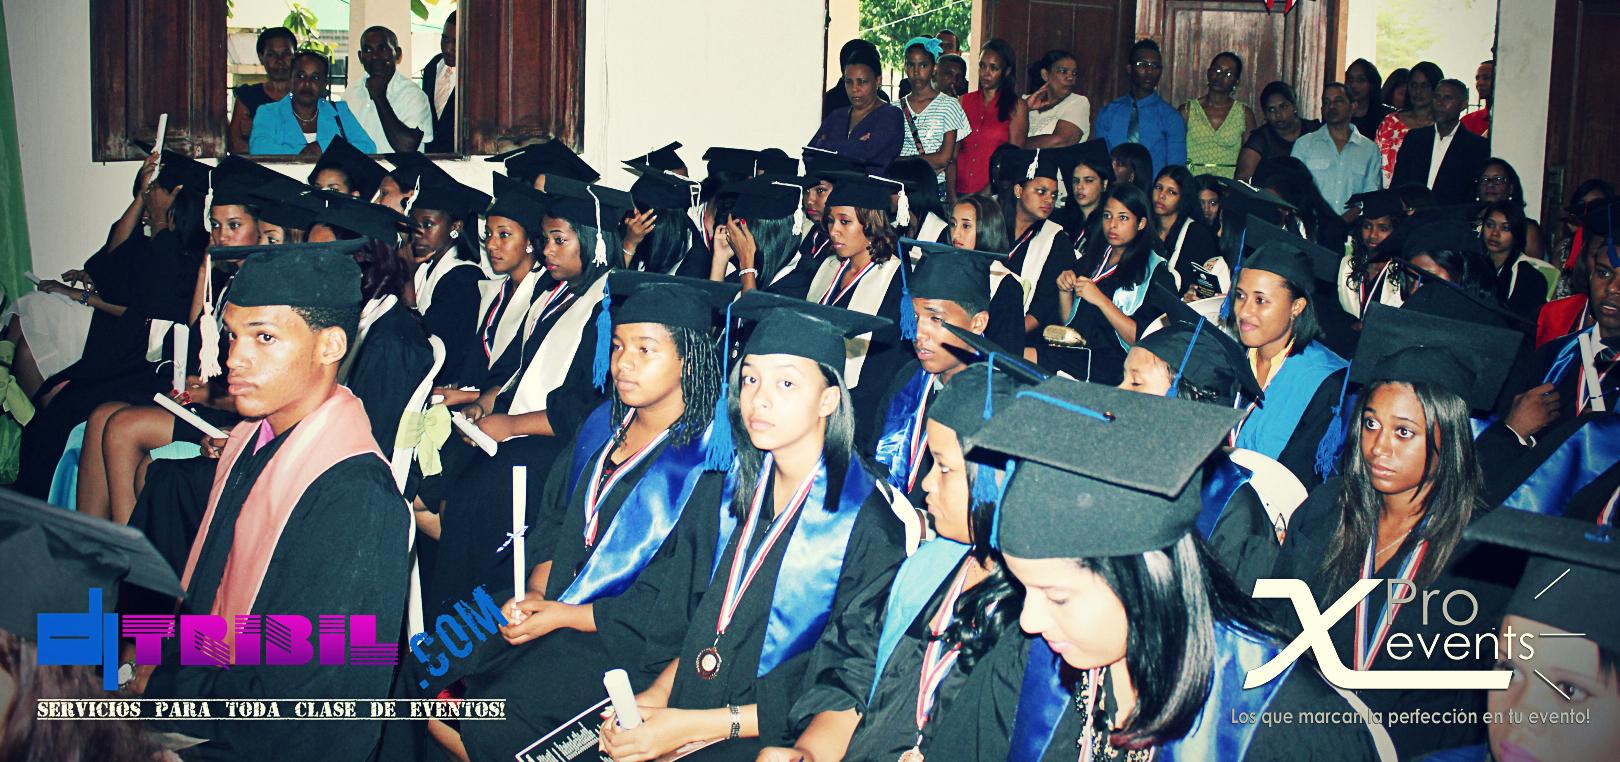 www.Xproevents.com - Actividades academicas.jpg